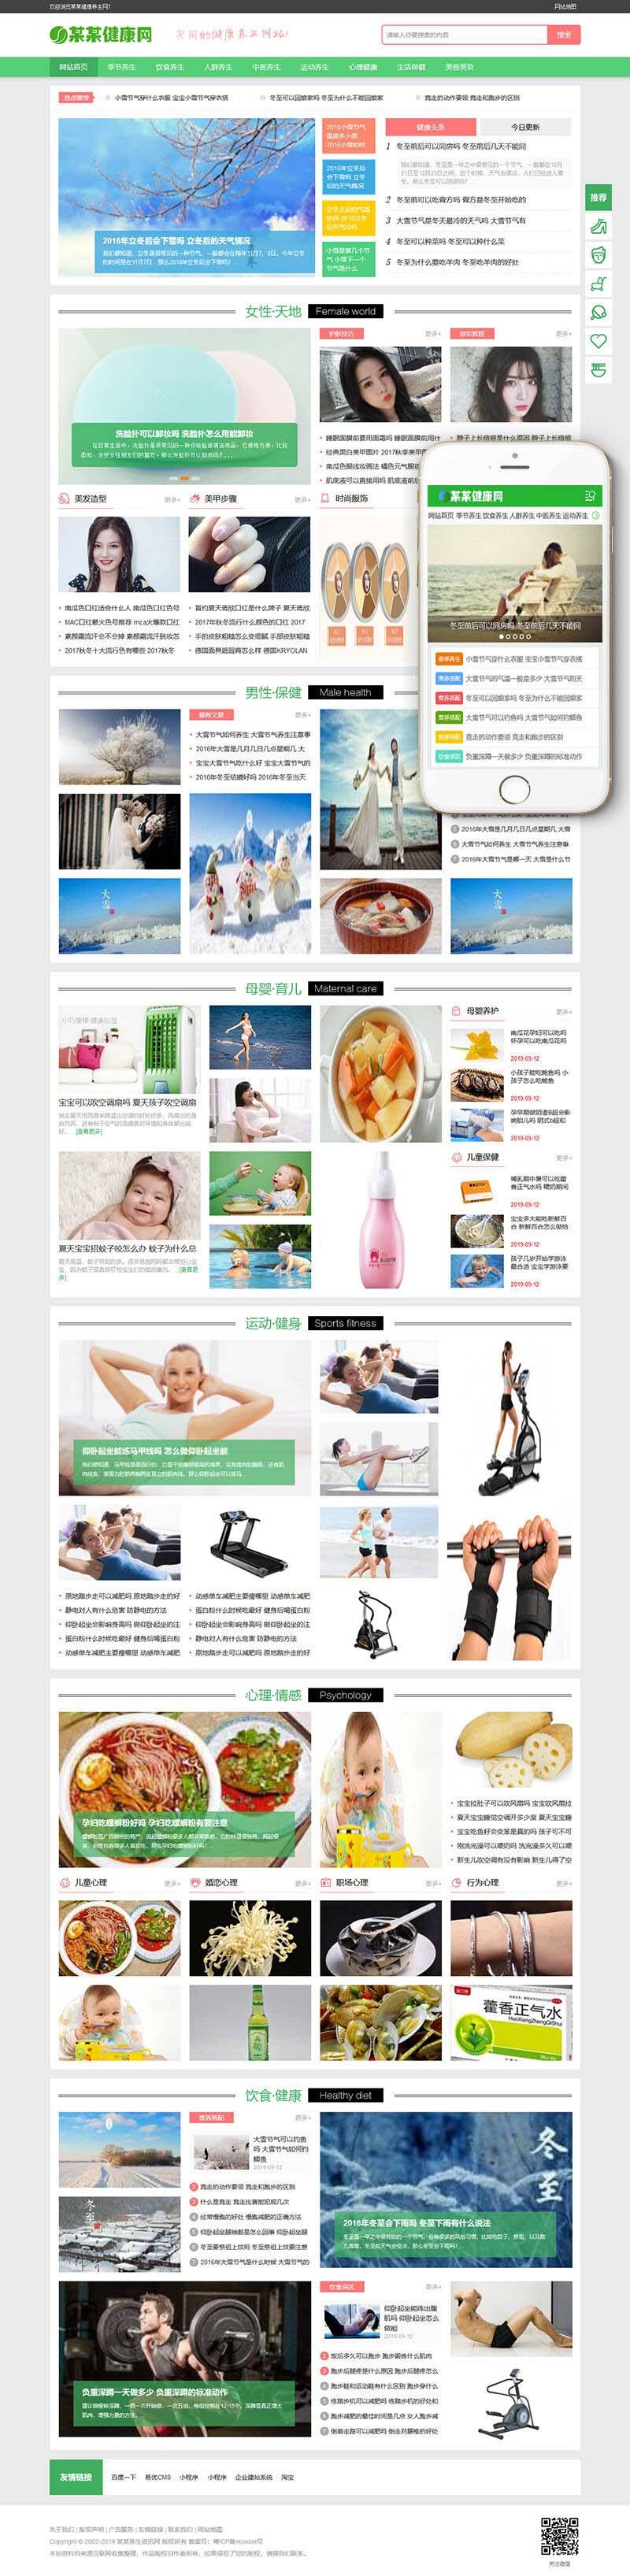 绿色健康养生新闻资讯类网站织梦模板(带手机端)